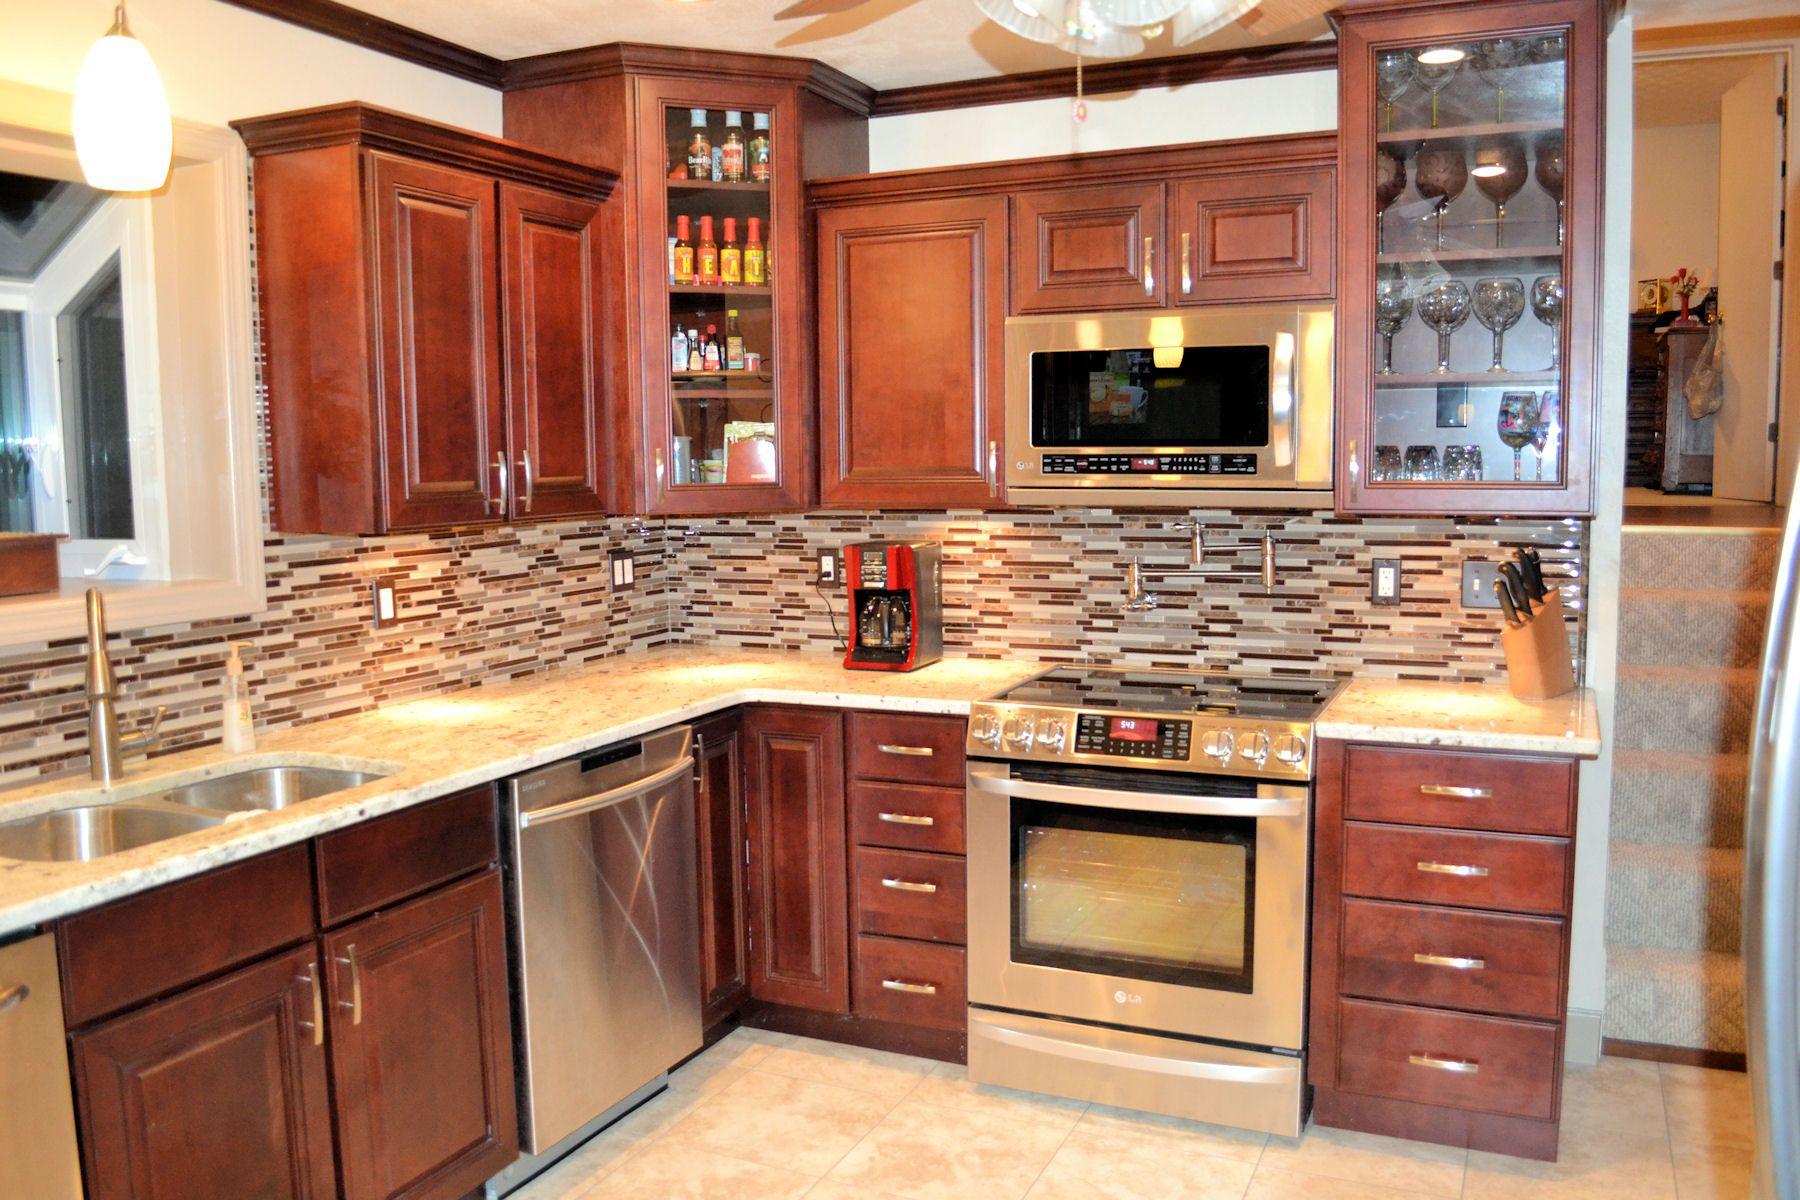 Interior Stylish Red Shaker Cabinet Doors With Mosaic Brown White Kitchen Backsplash And Freestandin Rustic Kitchen Modern Kitchen Design Kitchen Design Small